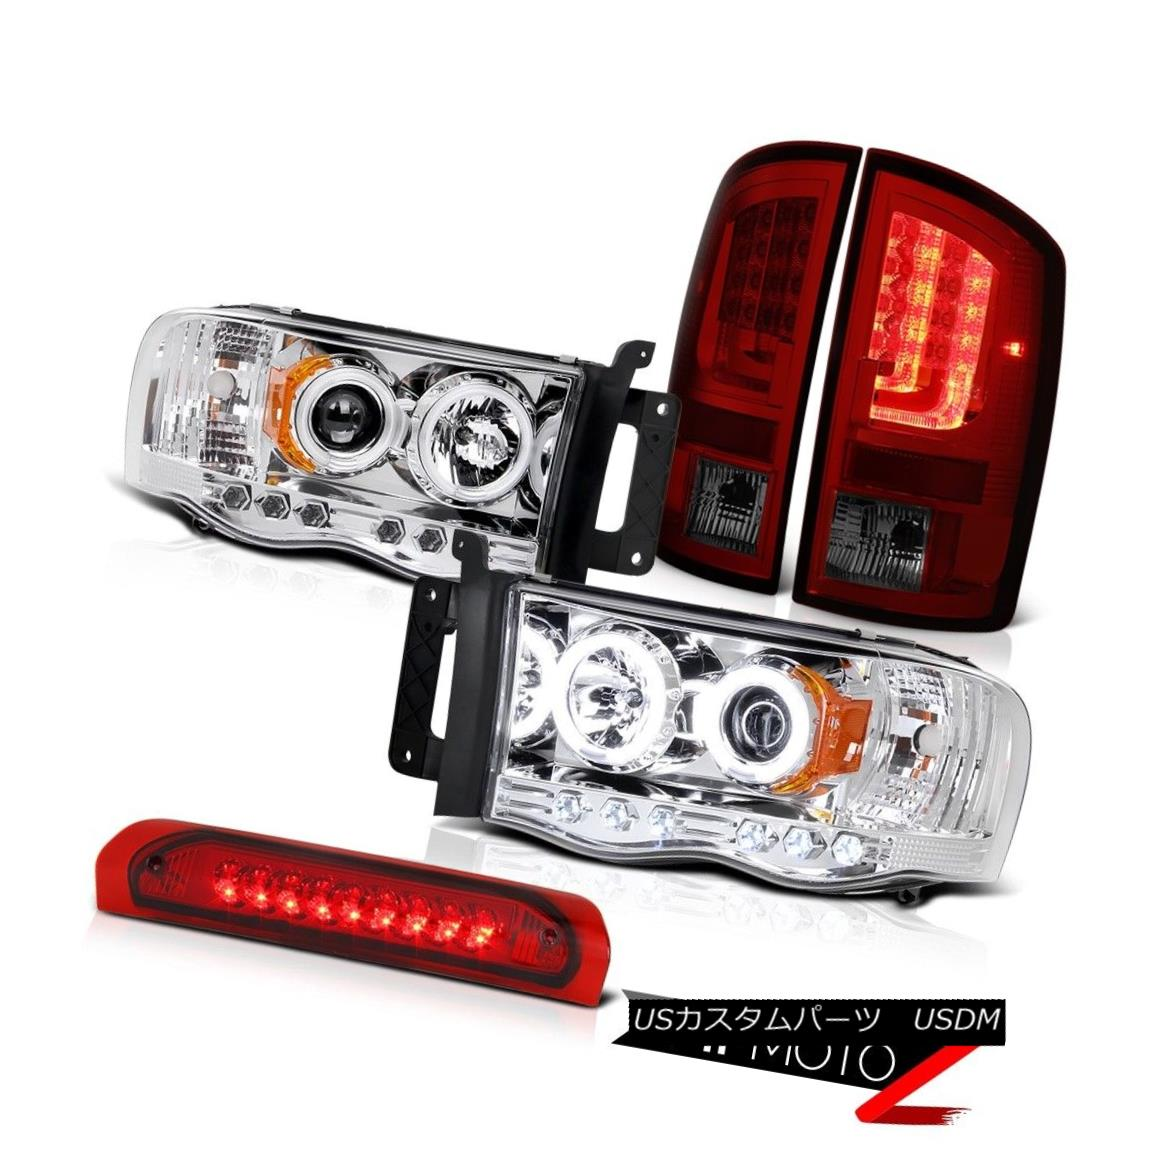 テールライト 2003-2005 Dodge Ram 3500 SLT Smoked Red Tail Lights Headlamps Roof Brake Light 2003-2005 Dodge Ram 3500 SLTスモークレッドテールライトヘッドランプルーフブレーキライト